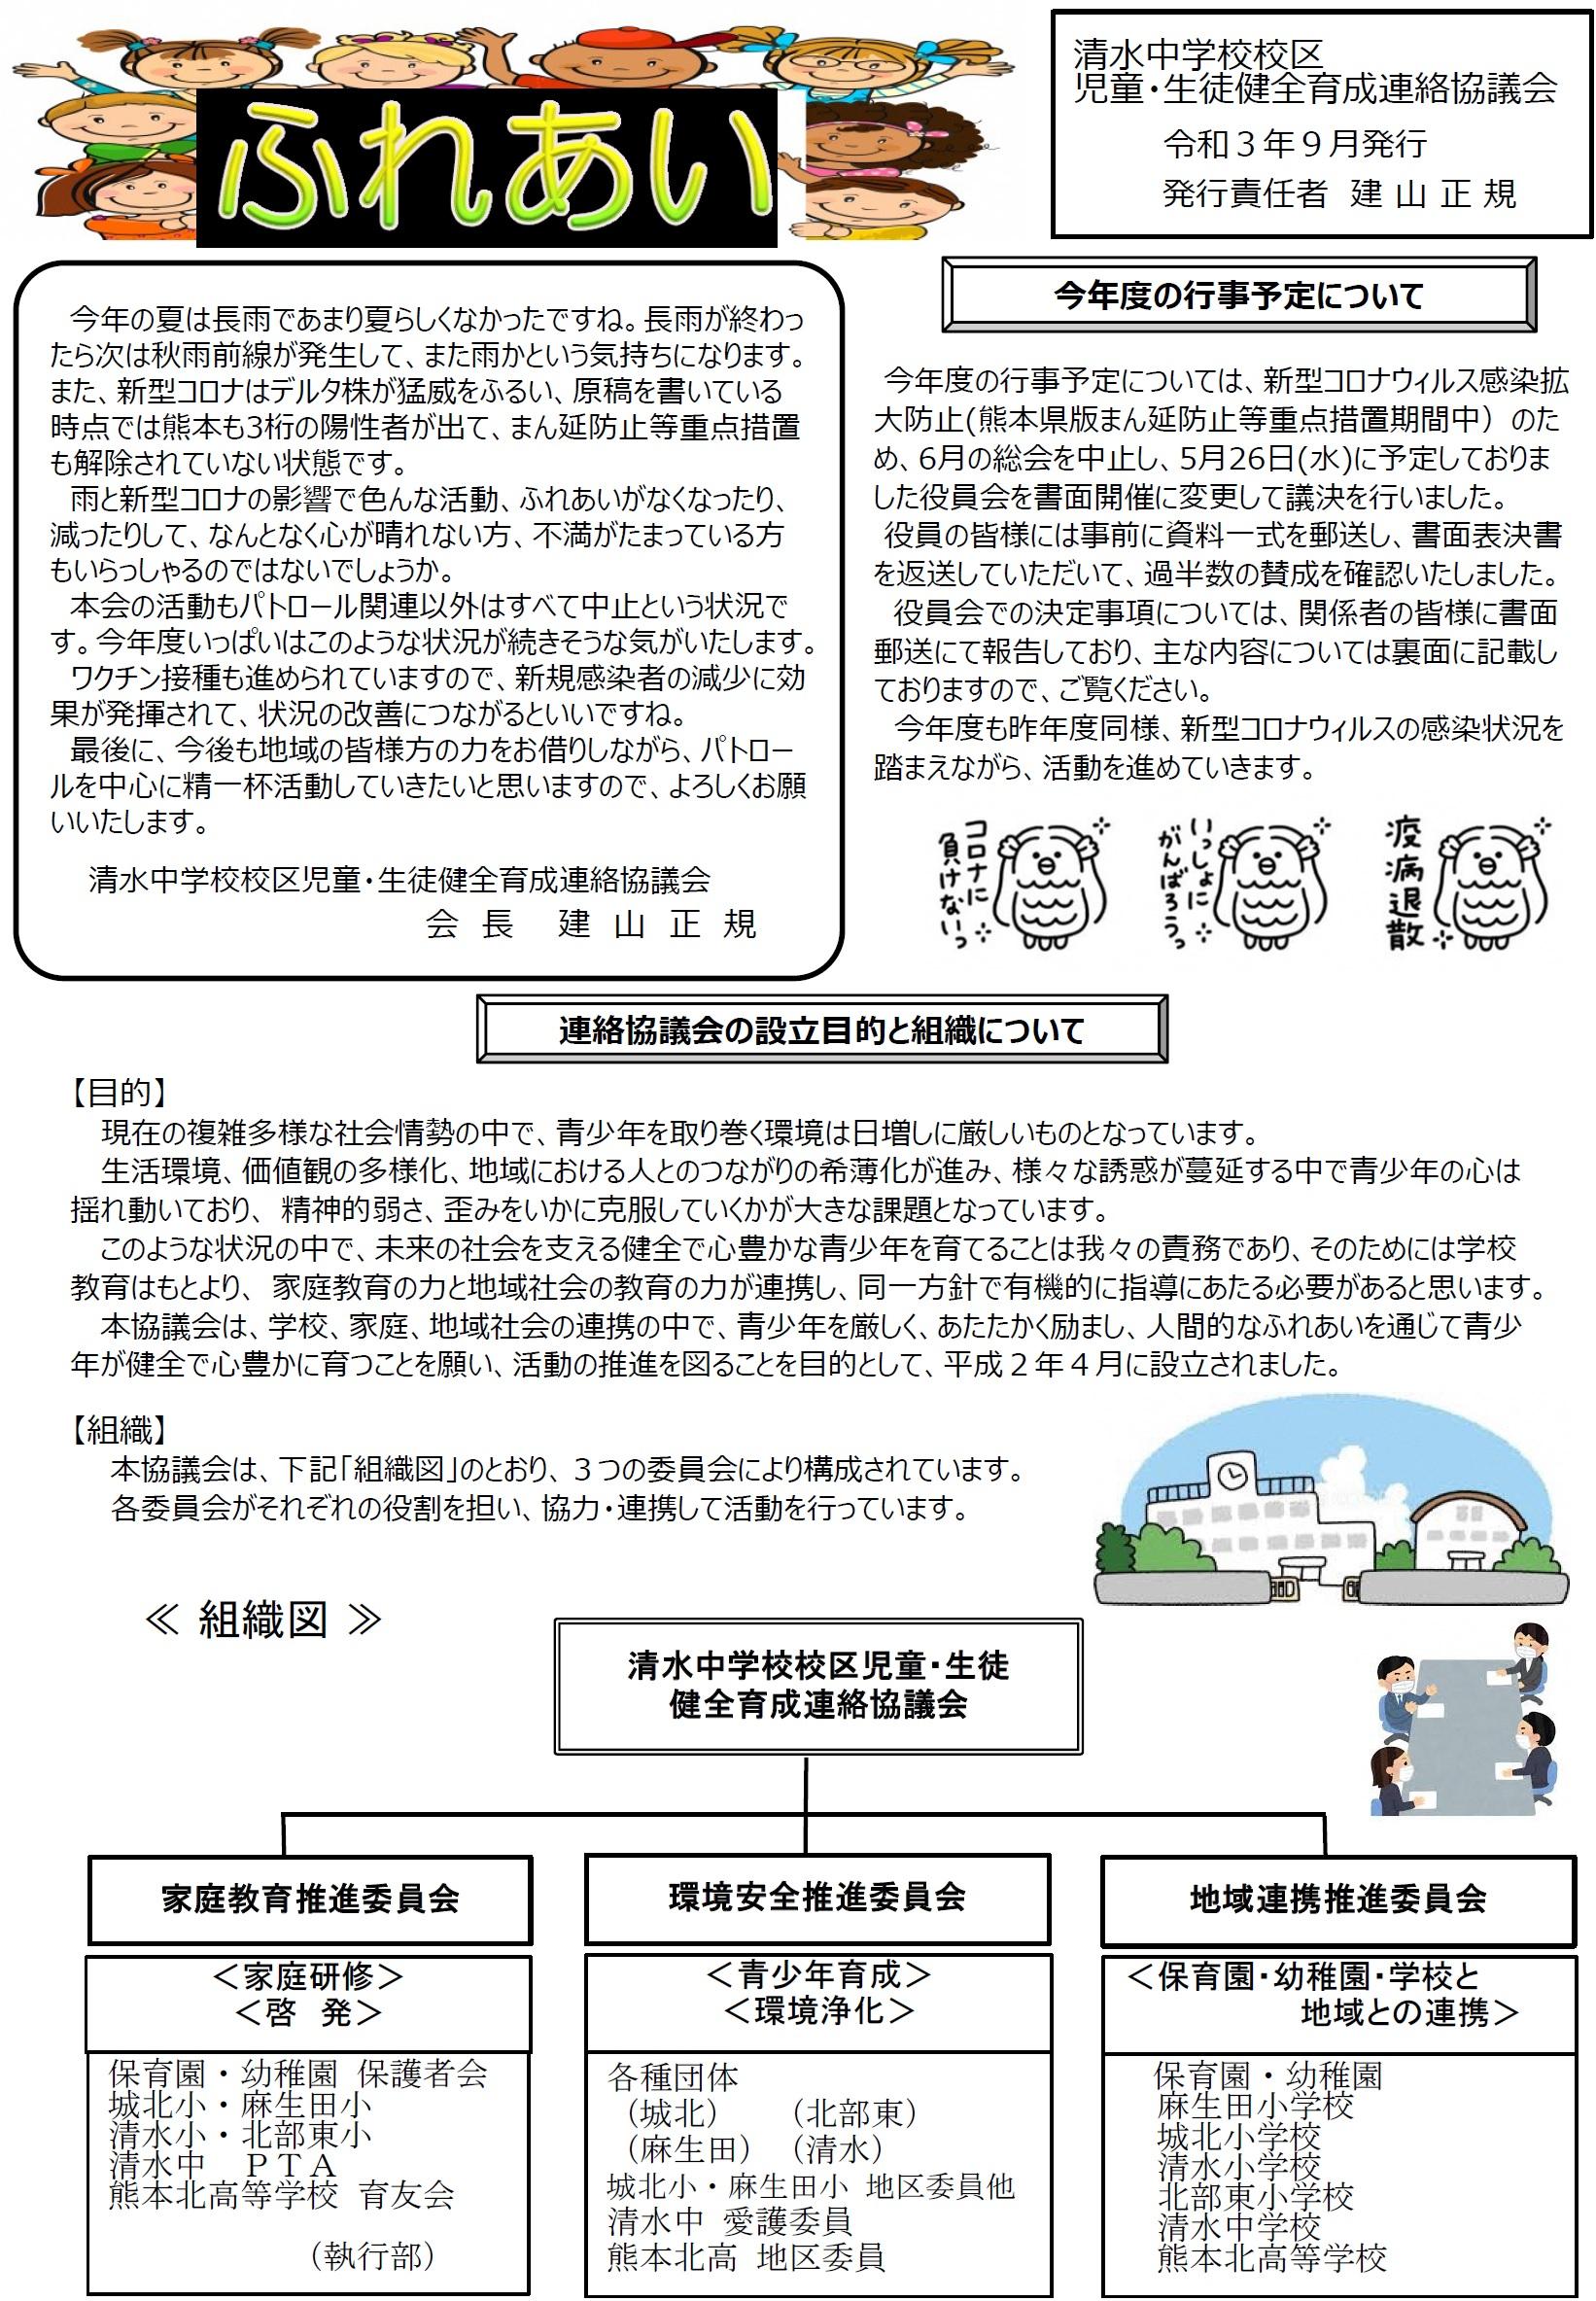 清水中学校校区児童生徒健全育成連絡協議会(1)